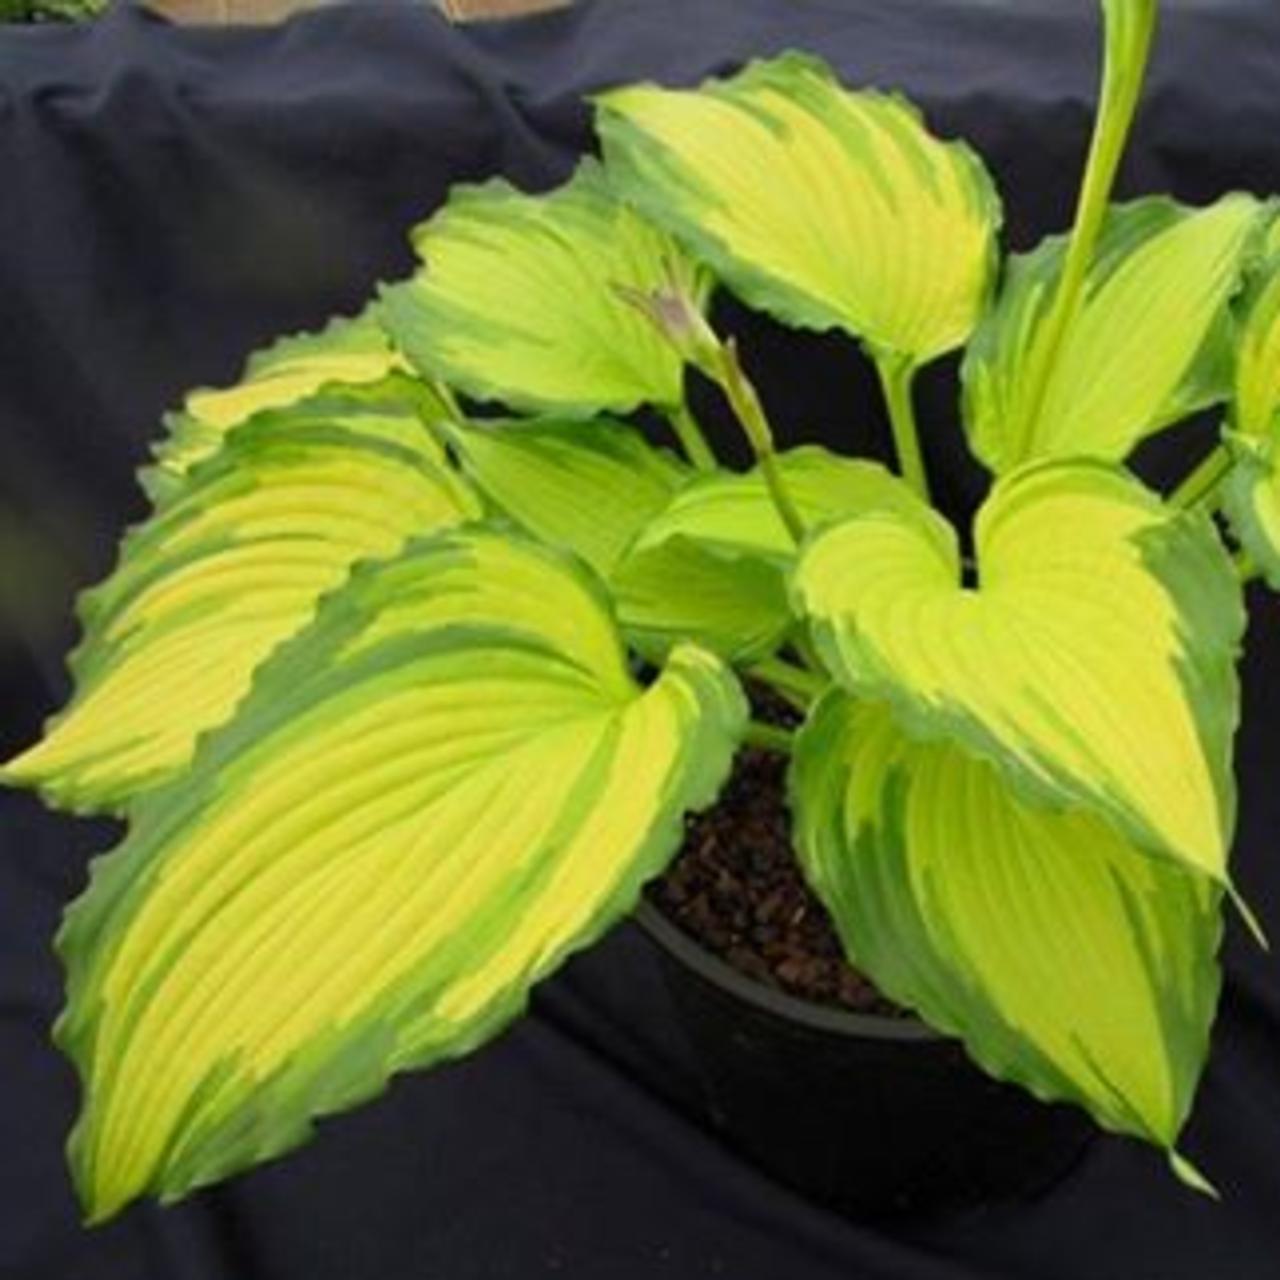 Hosta 'Amalia' plant